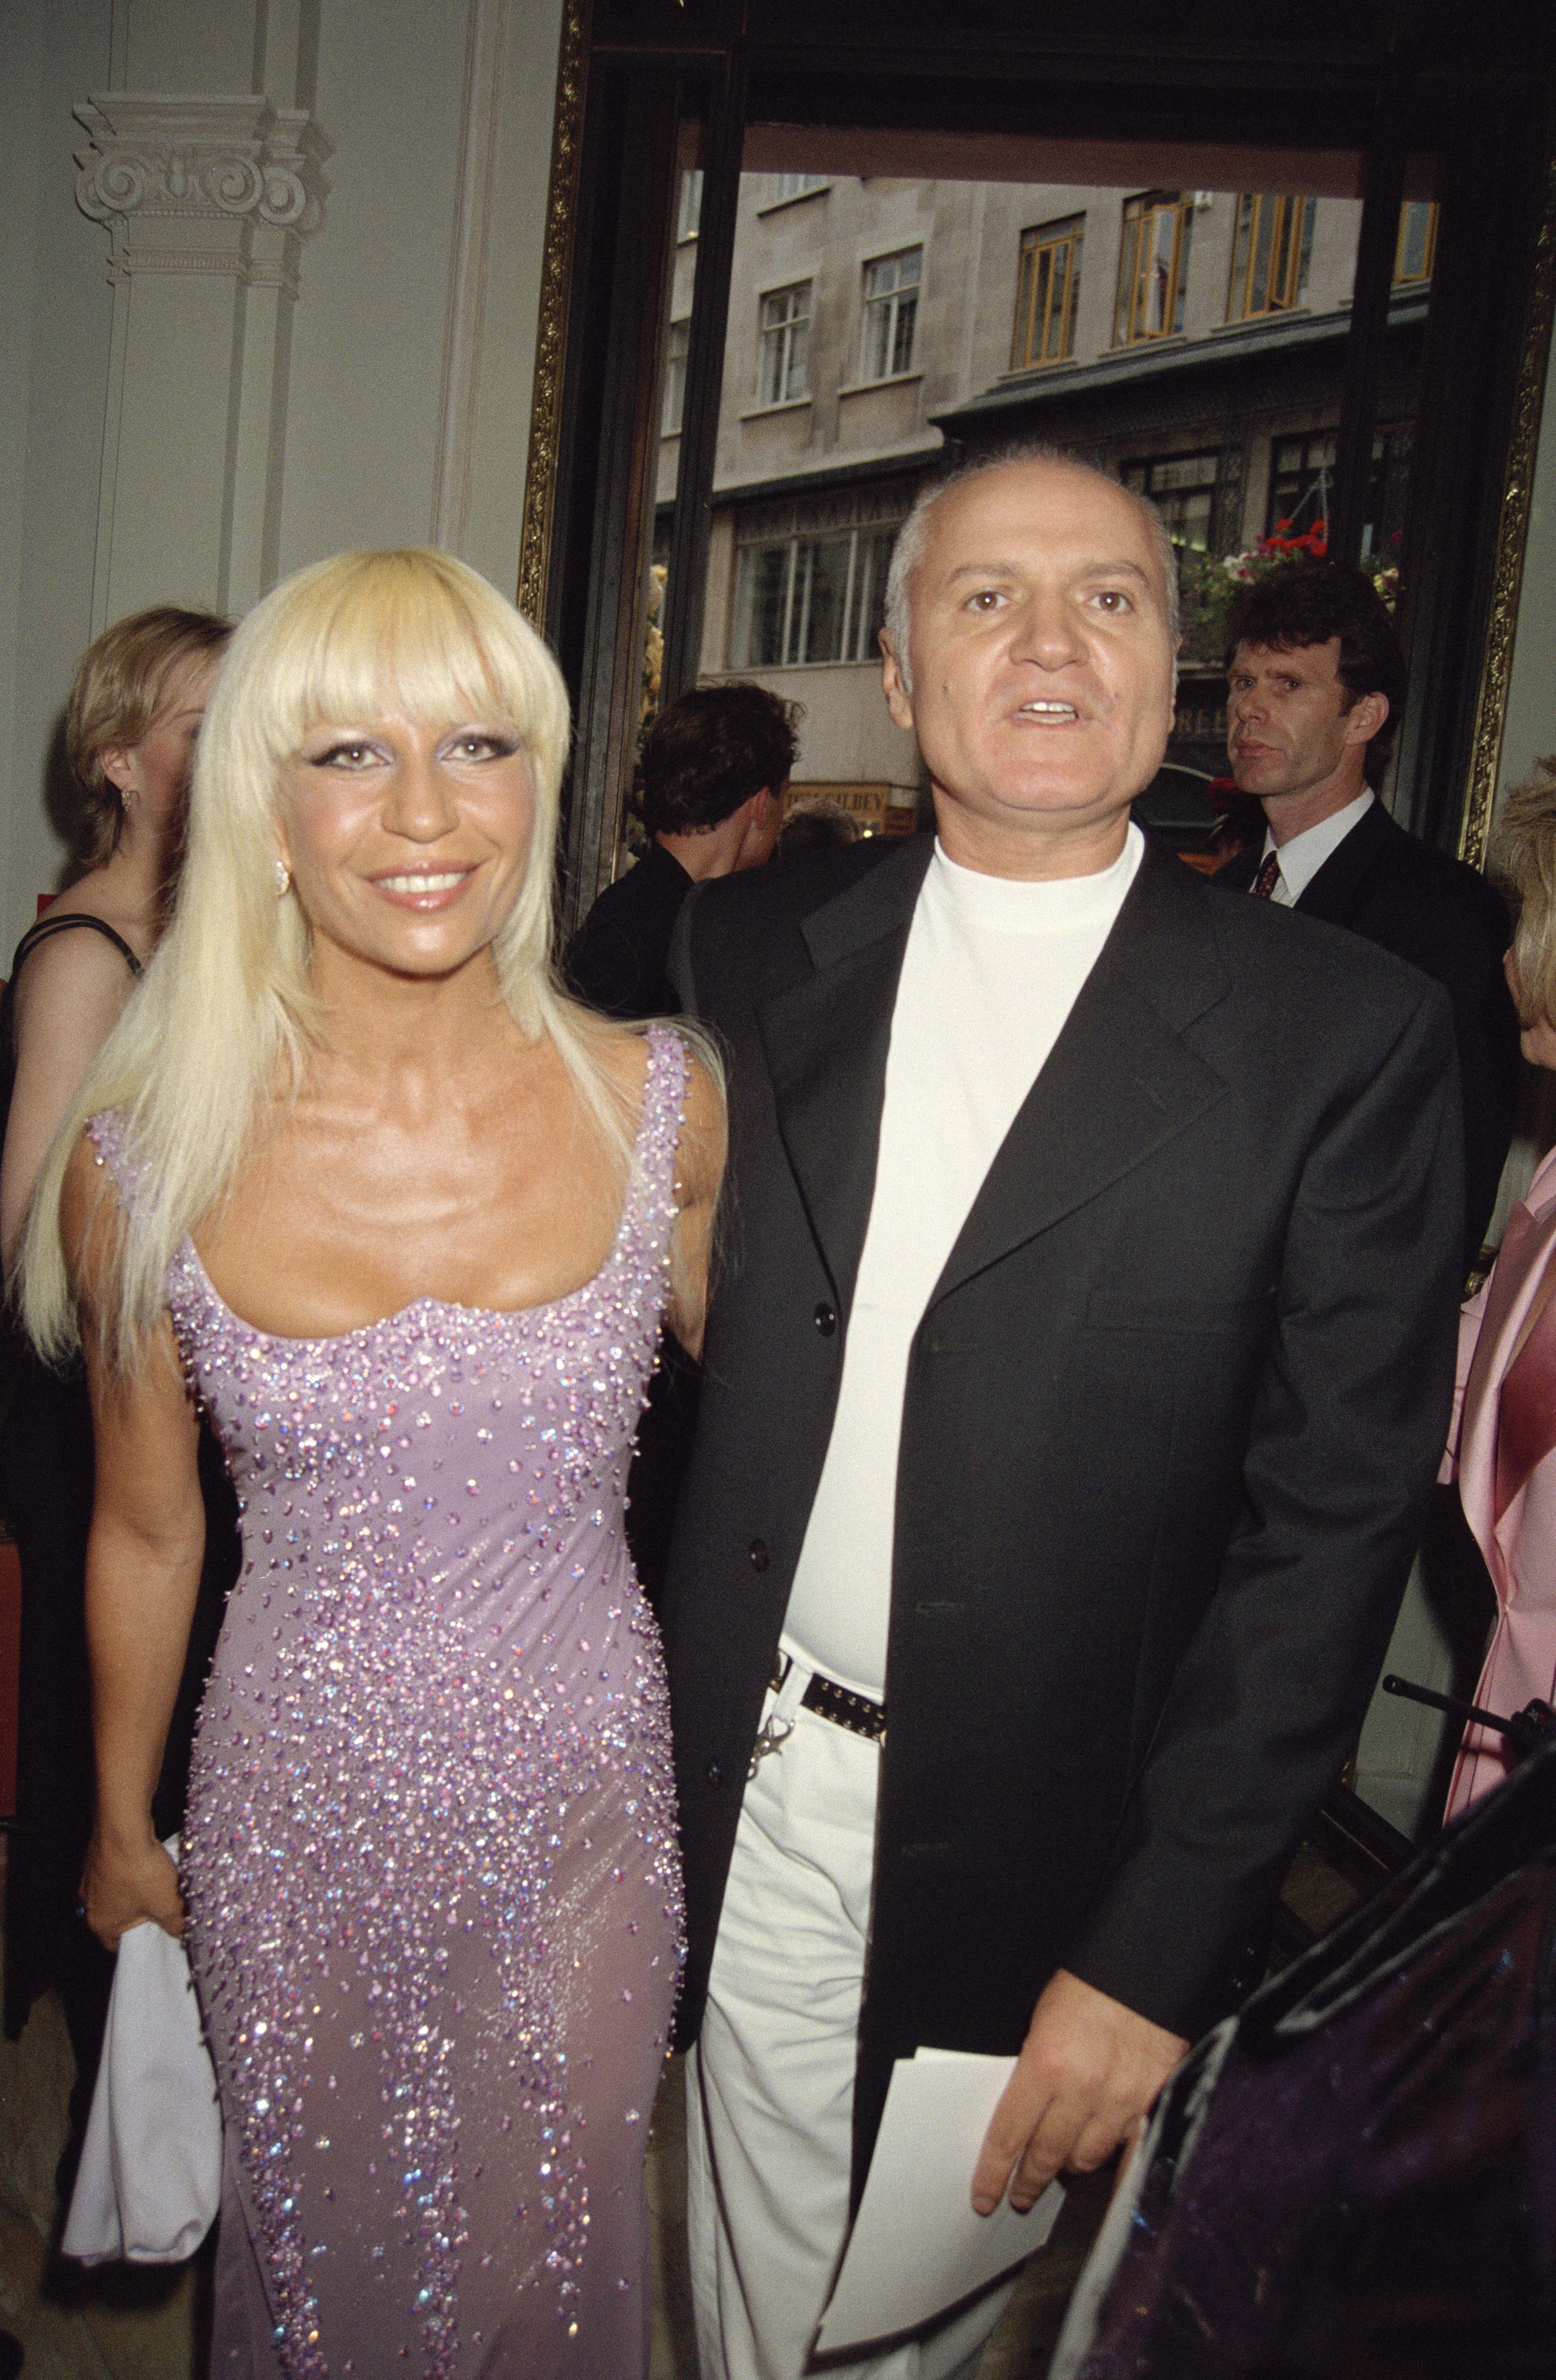 1995 година Джани и Донатела на излизане от едно от разточителните партита на Елтън Джон в Лондон. Брат и сестра стават особено желани гости на всяко светско събитие, но в действителност дуото е парти дуо, много преди да бъде модно дуо. От разкази на Донатела разбираме, че брат й я вкарвал в нощни клубове още на 11 години.